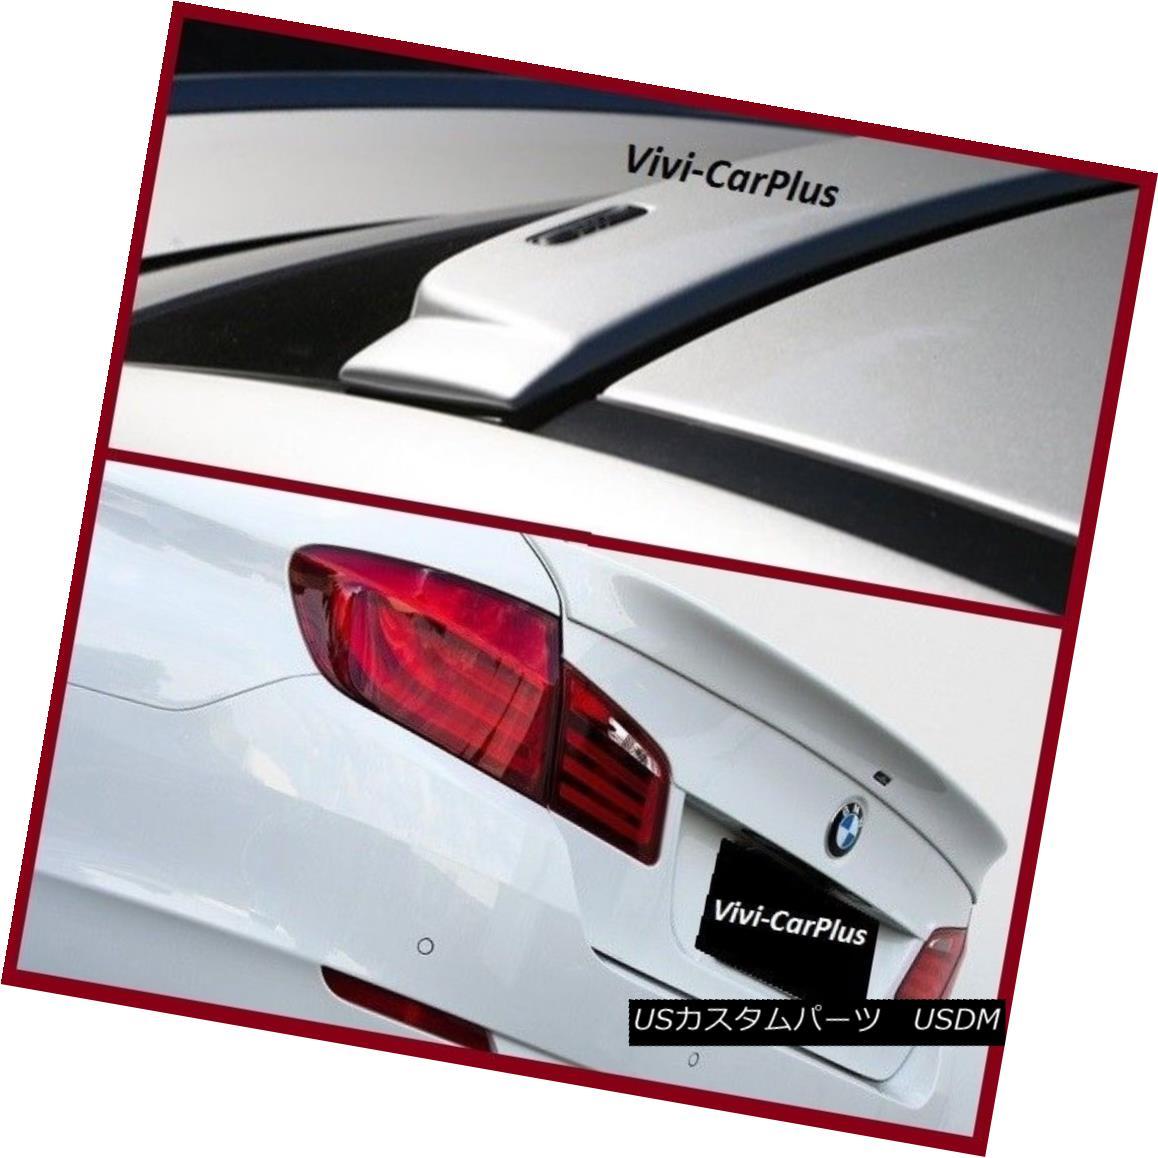 エアロパーツ UNPAINTED 11-16 BMW F10 5 Series 528i M5 535i AC Type Roof + Trunk Boot Spoiler UNPAINTED 11-16 BMW F10 5シリーズ528i M5 535i ACタイプルーフ+トランク・ブーツ・スポイラー